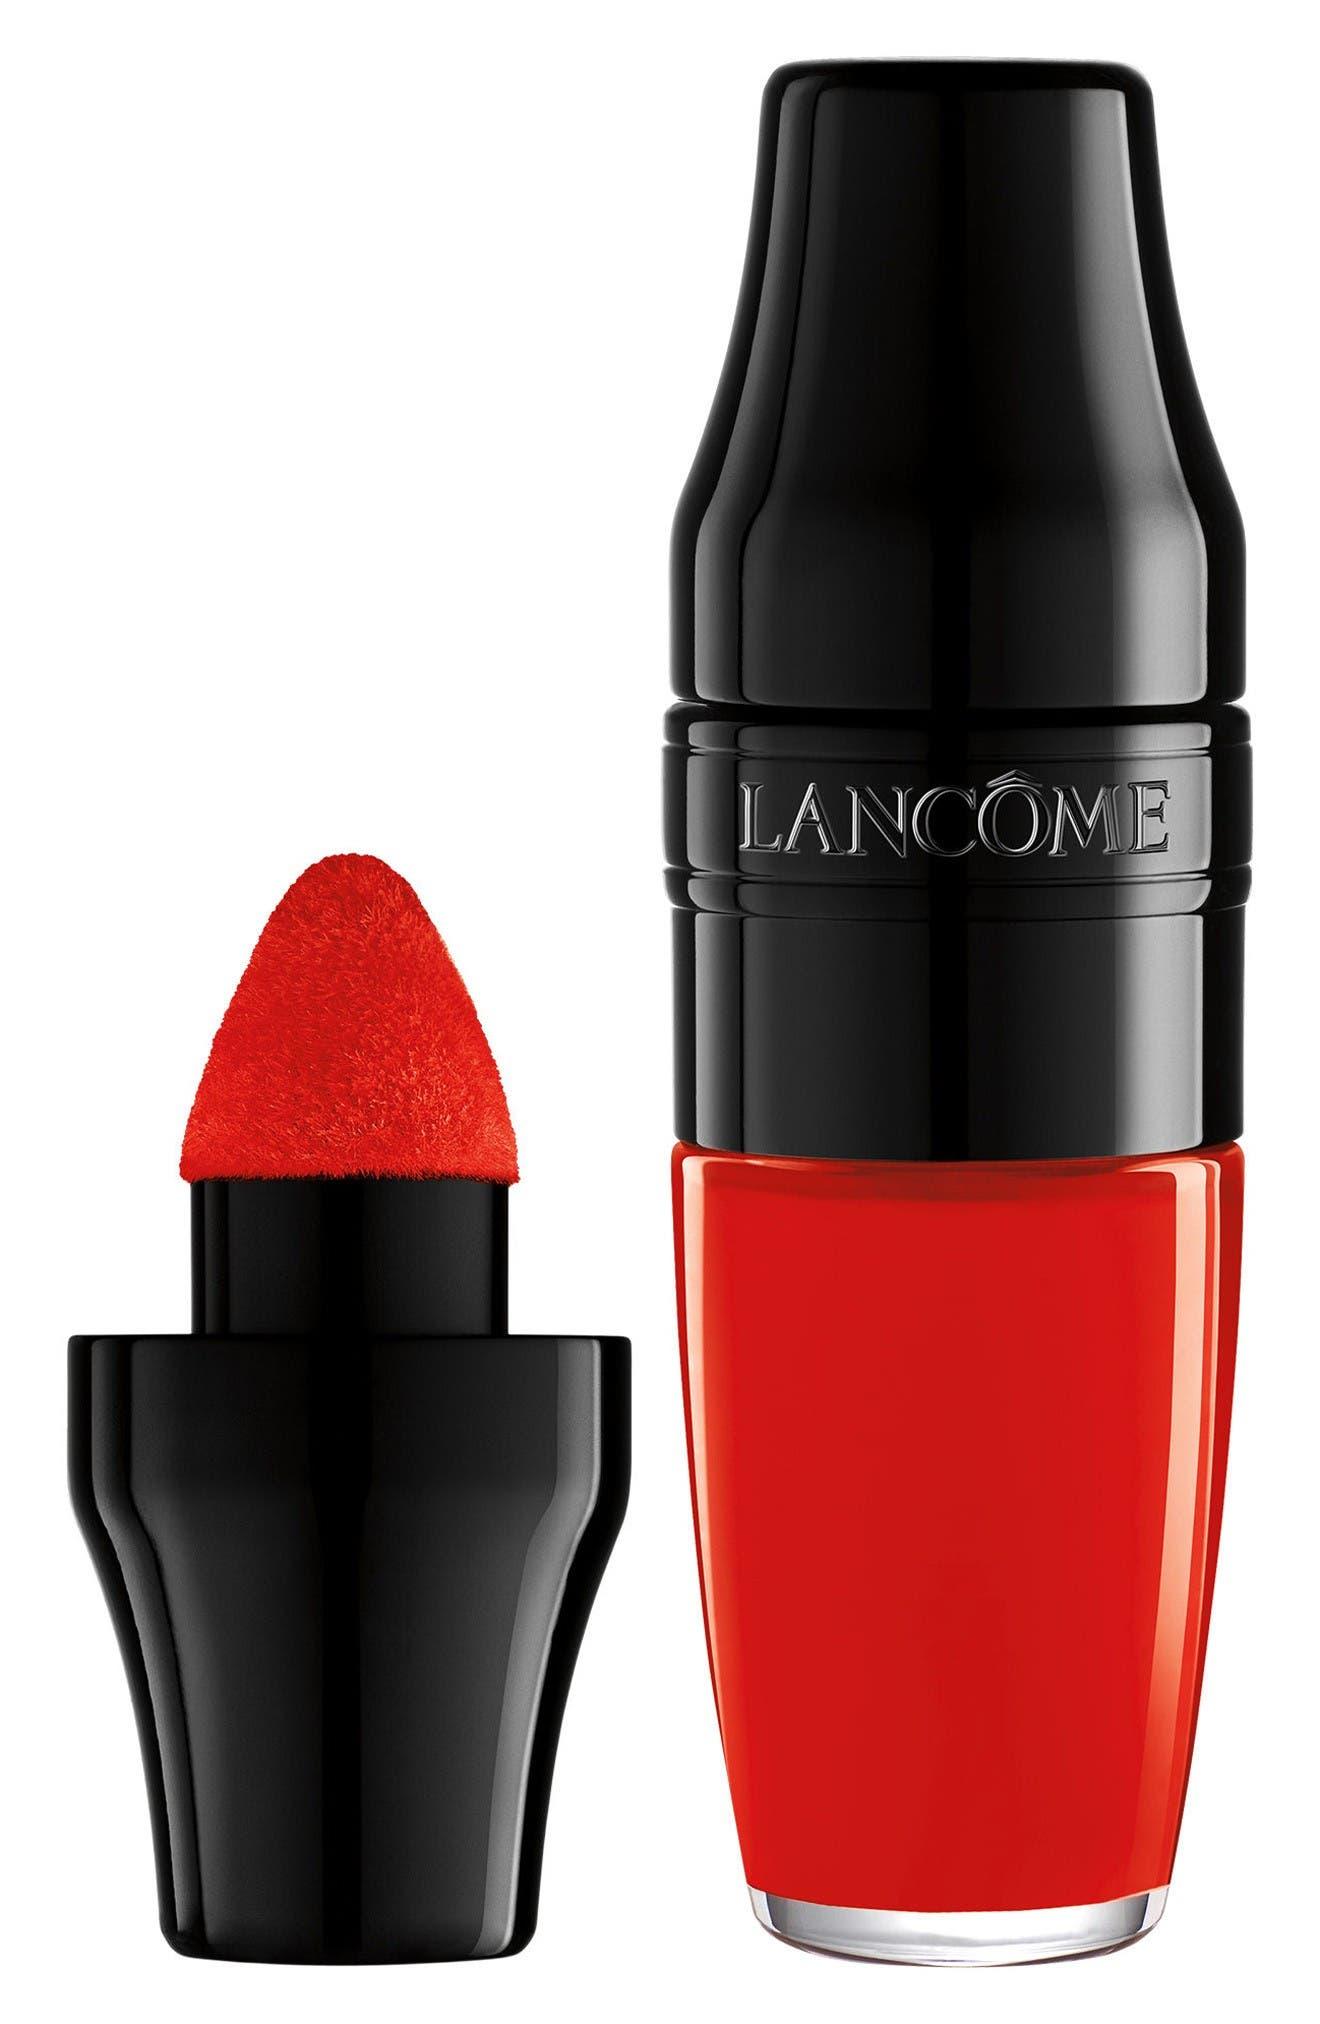 Lancôme Matte Shaker High Pigment Liquid Lipstick